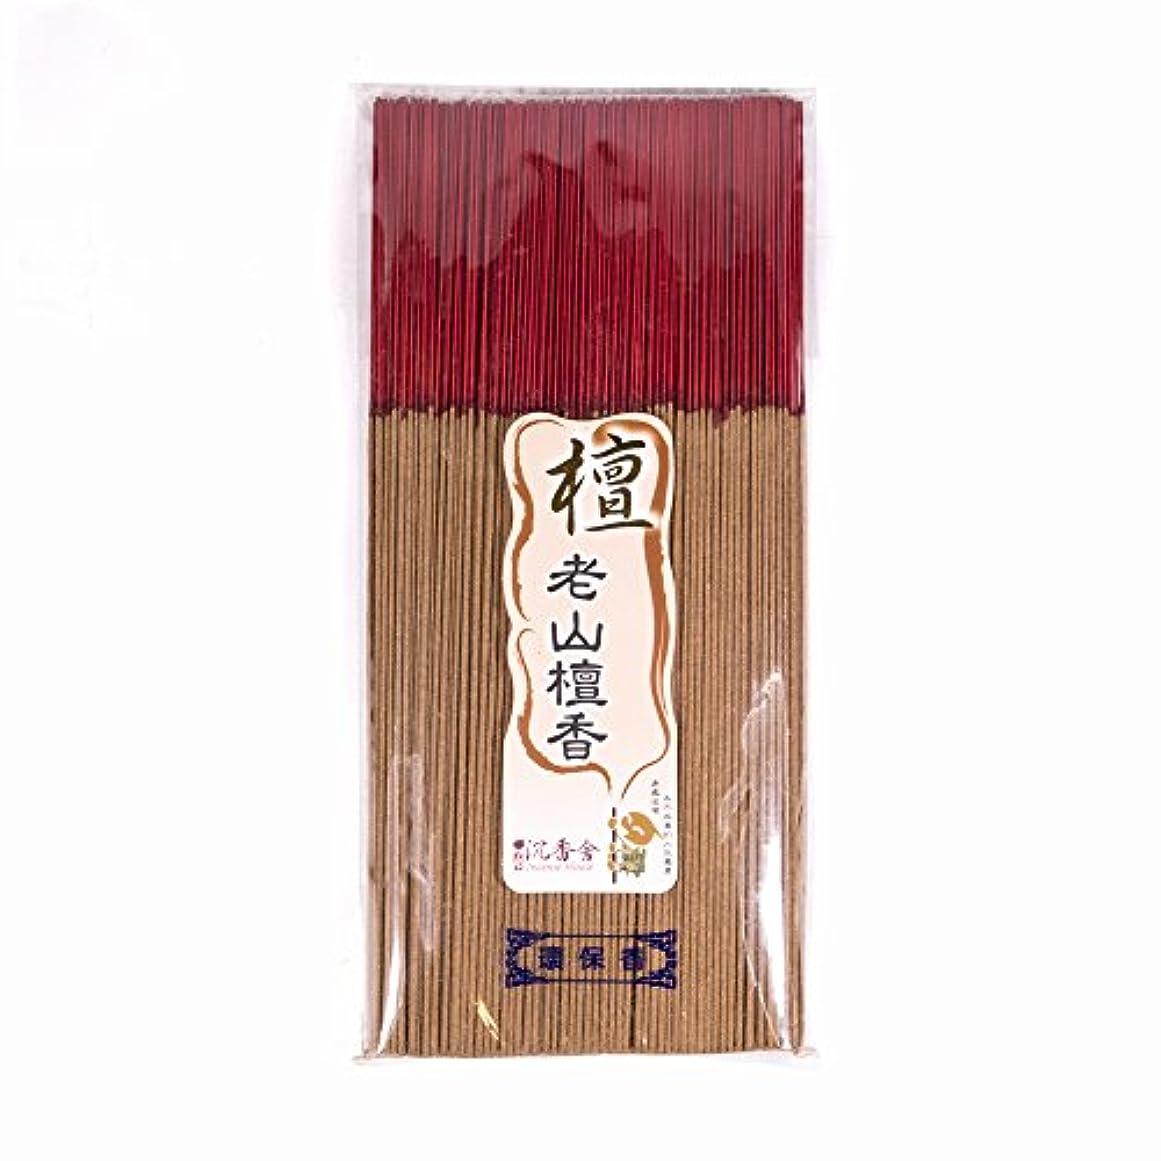 尊敬戦争復活台湾沉香舍 老山檀香 台湾のお香家 - 檀香 30cm (木支香) 300g 約400本